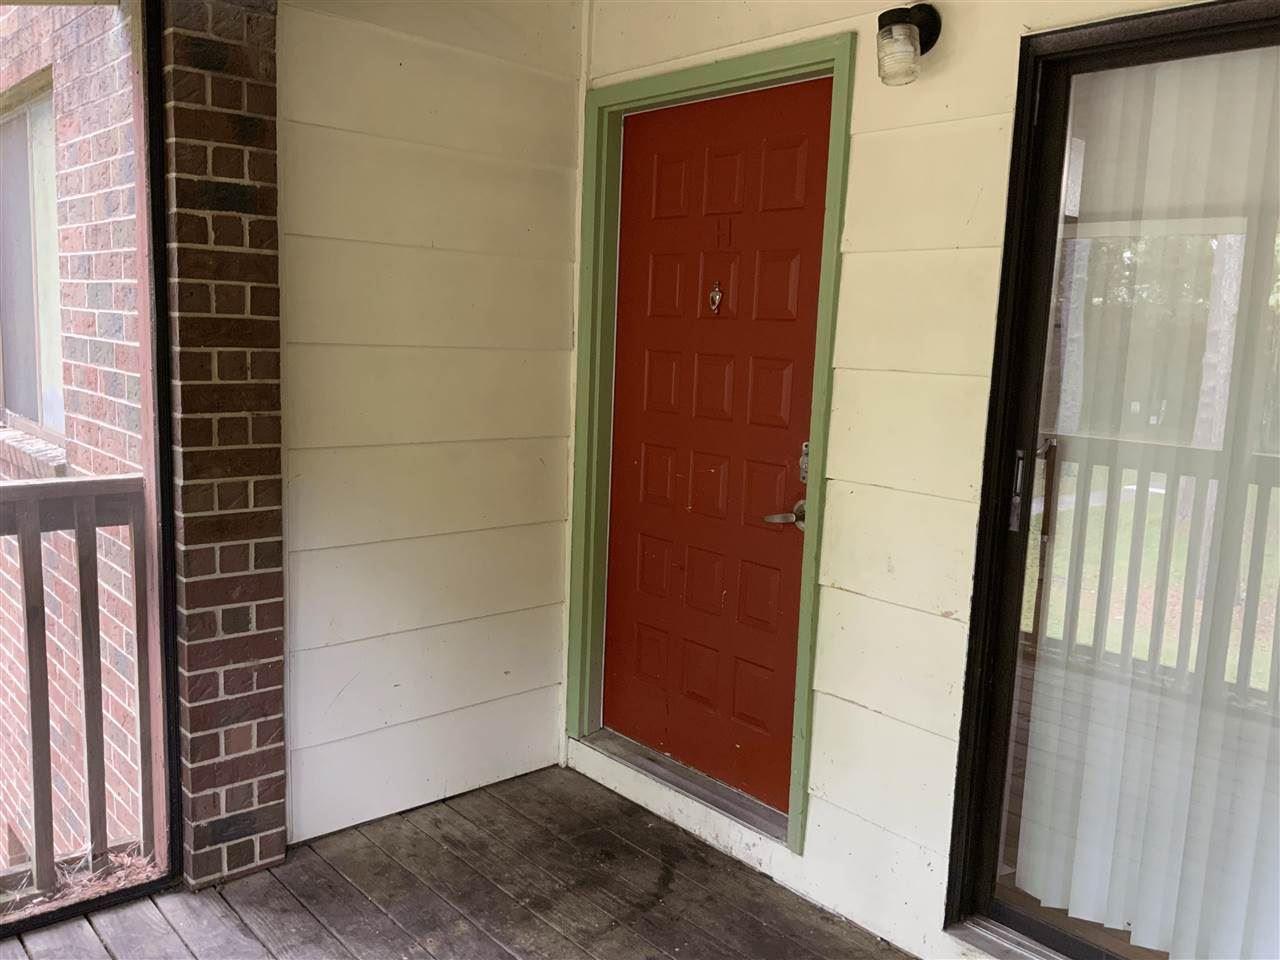 317 Mabry Street #521, Tallahassee, FL 32304 - MLS#: 332799